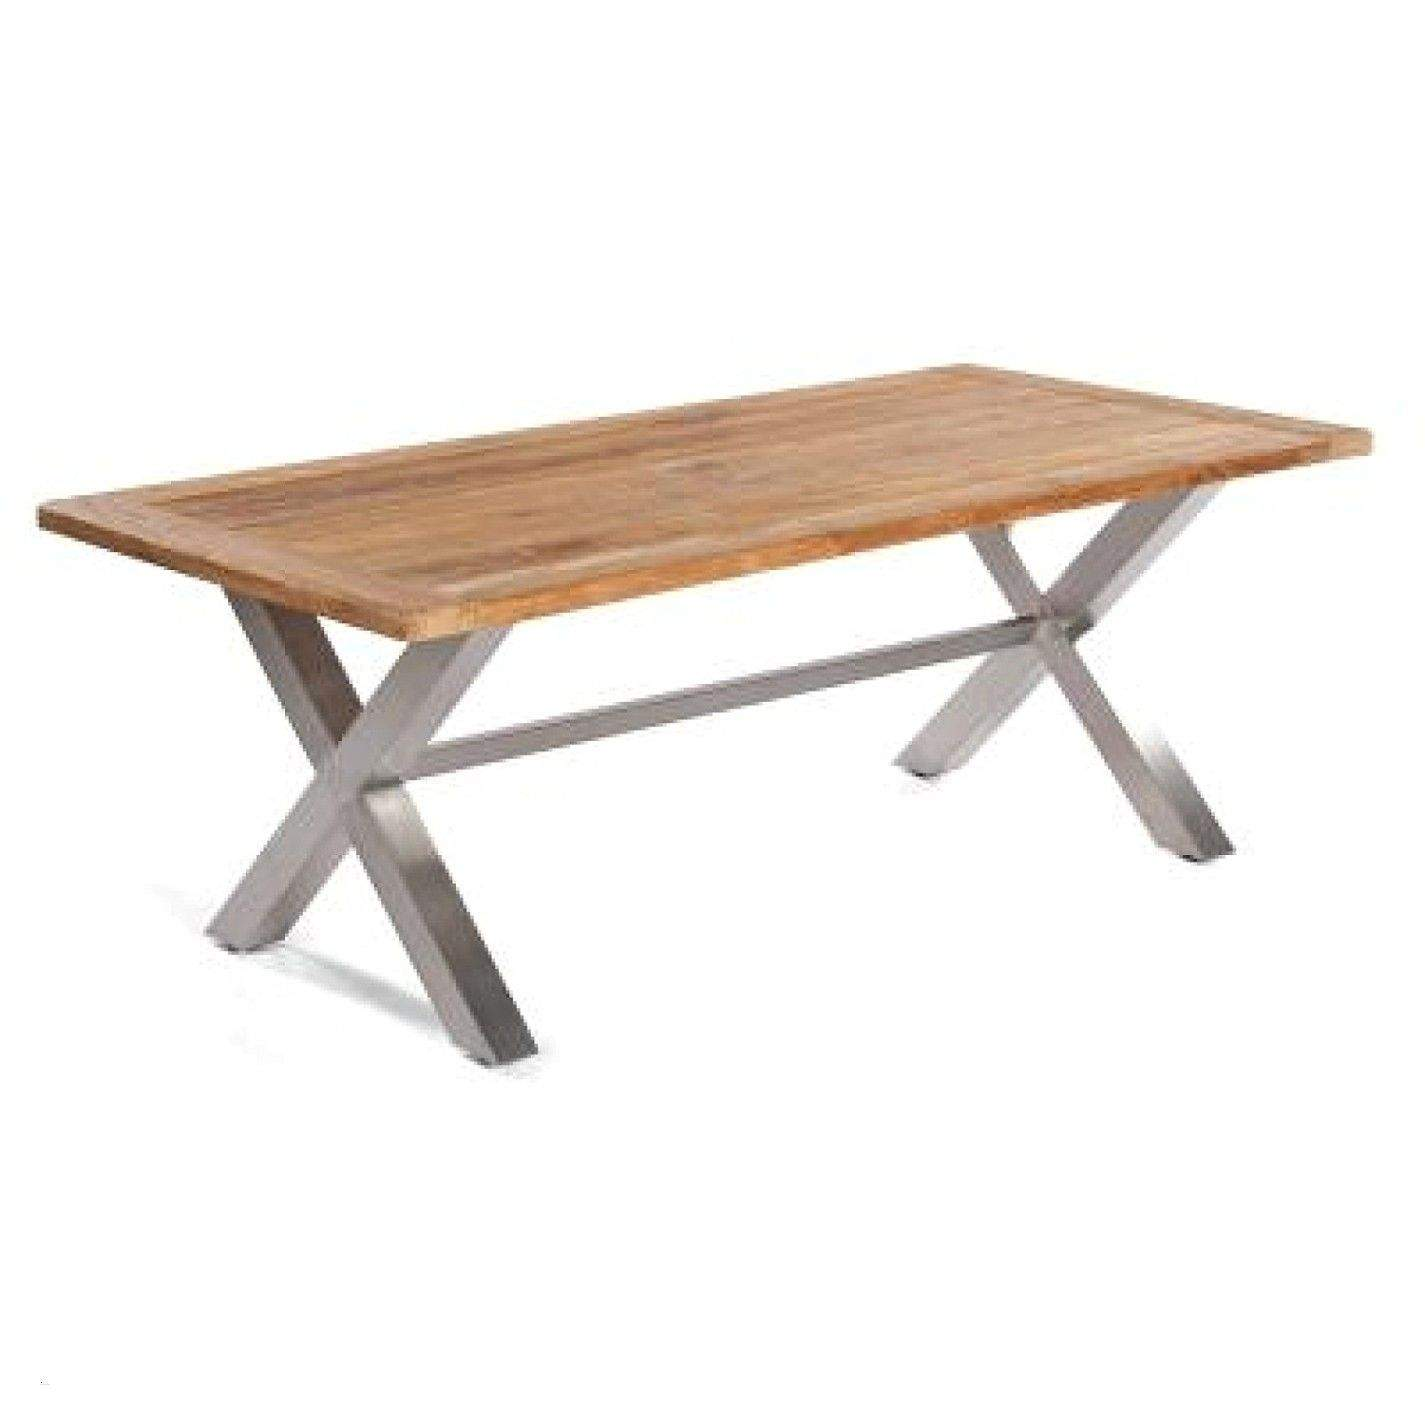 Rattan Tisch Garten Reizend 19 Teak Stühle Garten Genial